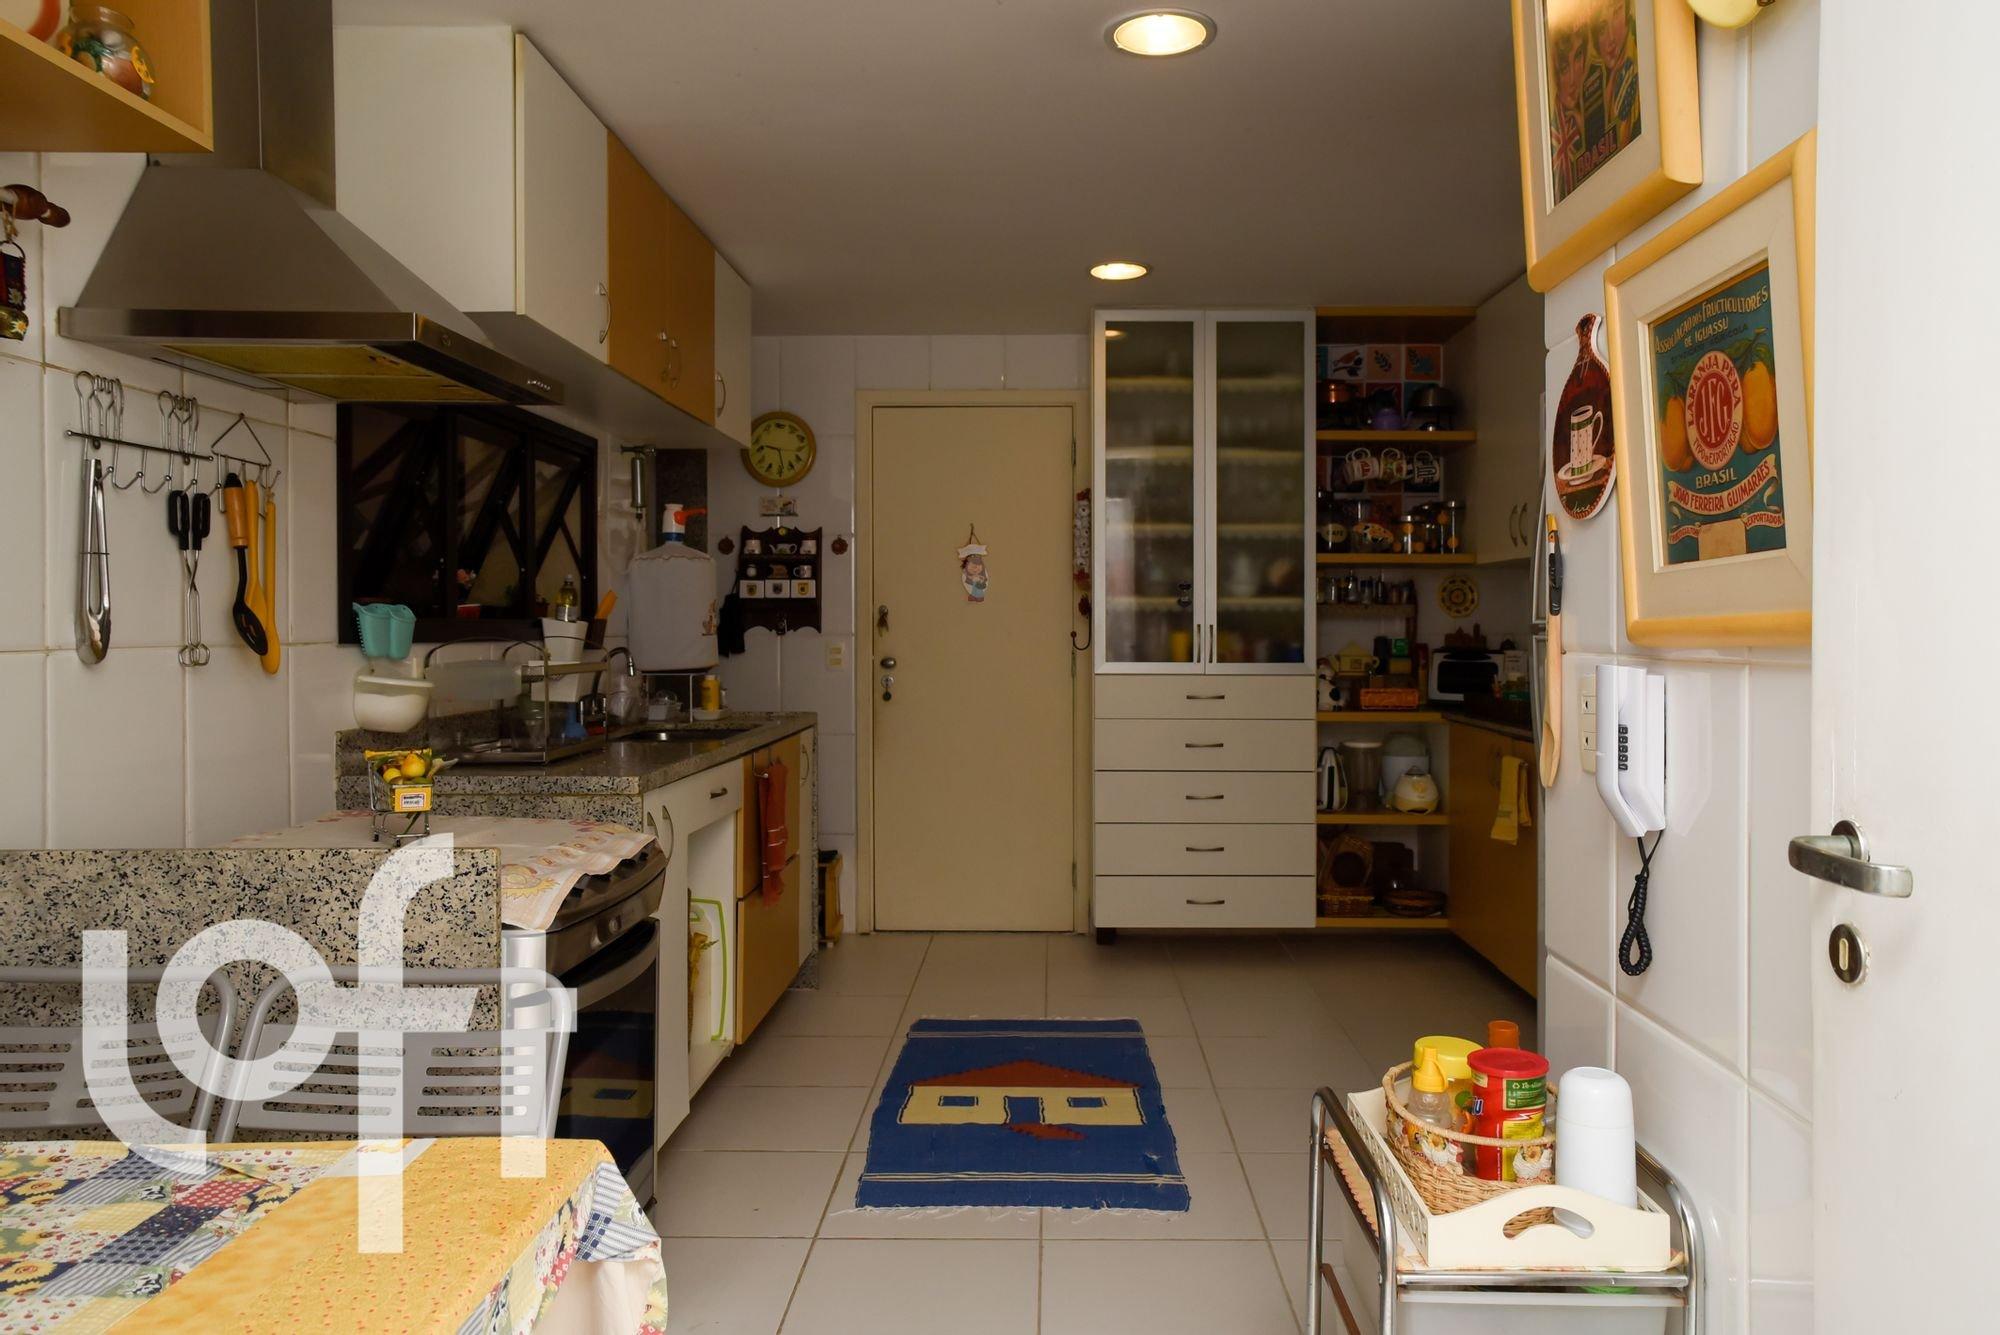 Foto de Cozinha com colher, relógio, garrafa